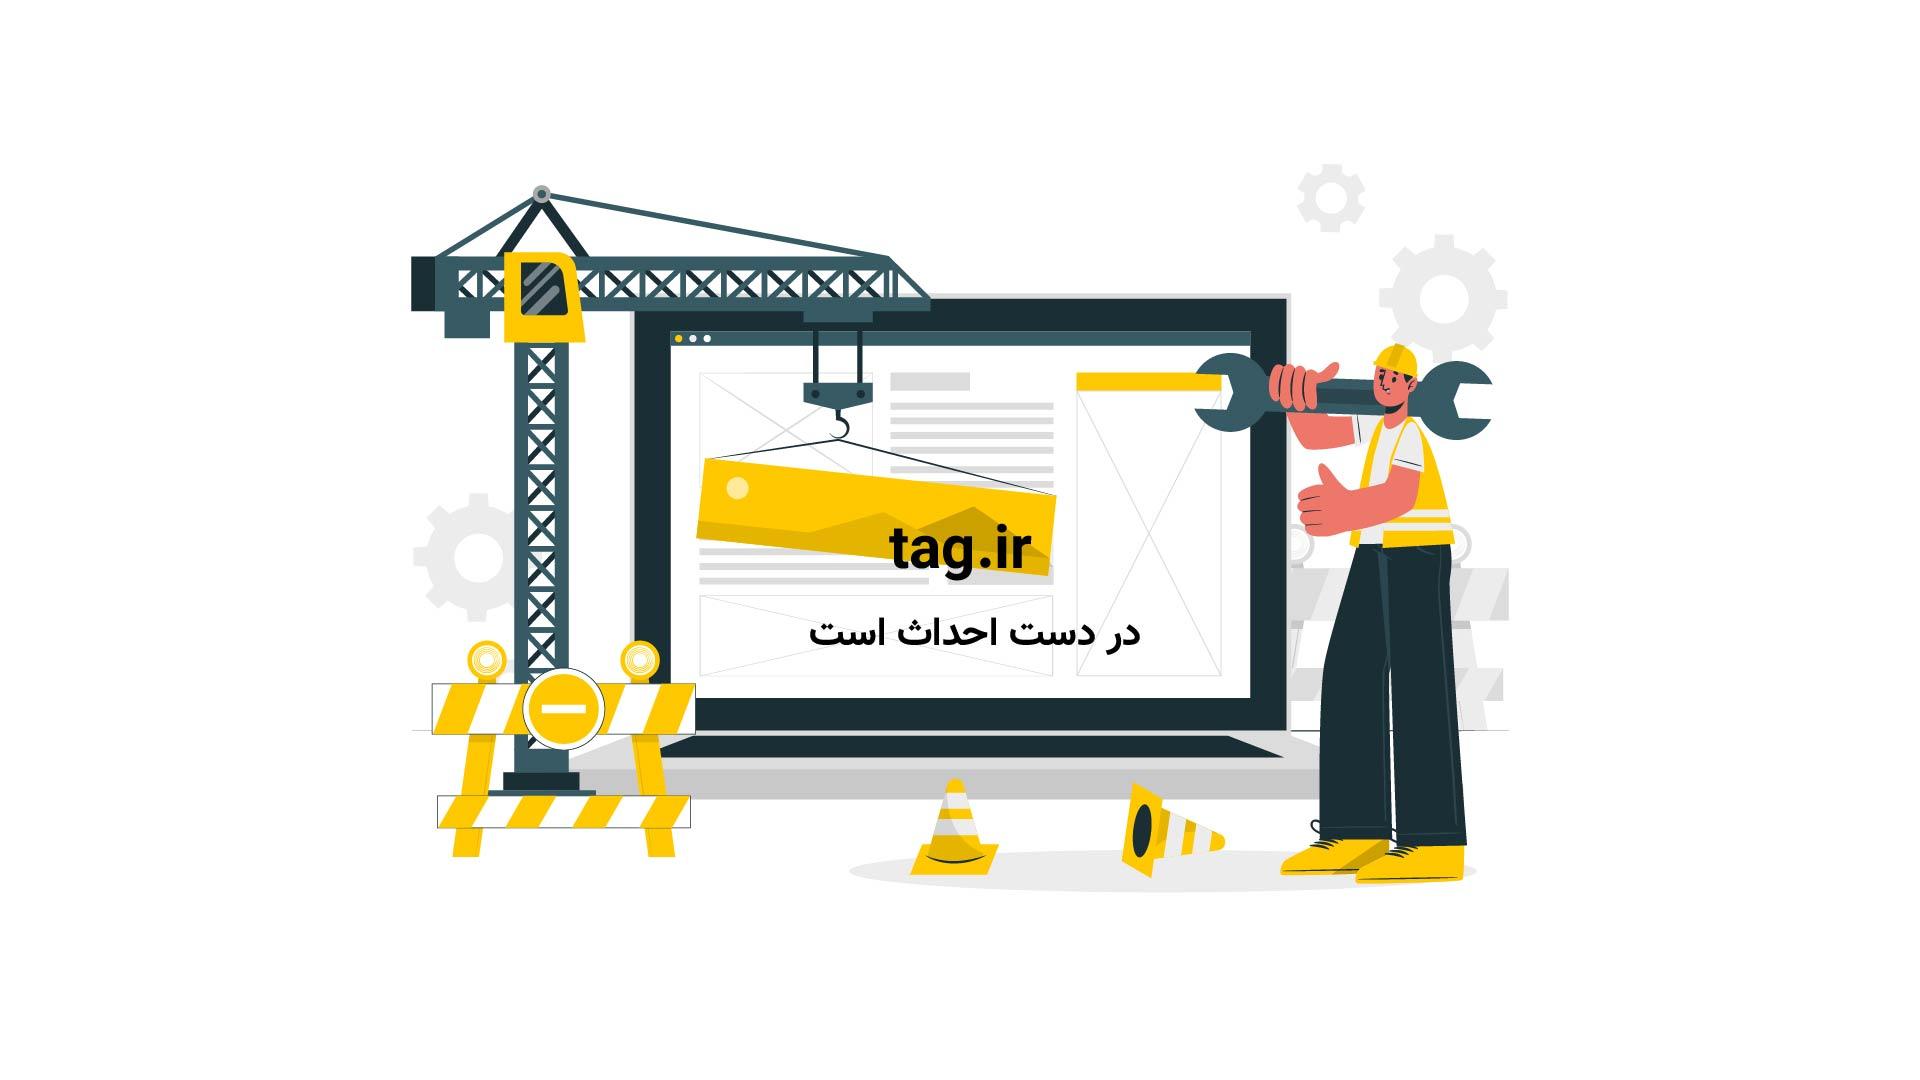 کشته شدن بیش از ۱۰۰ نفر در افغانستان بر اثر برف سنگین   فیلم